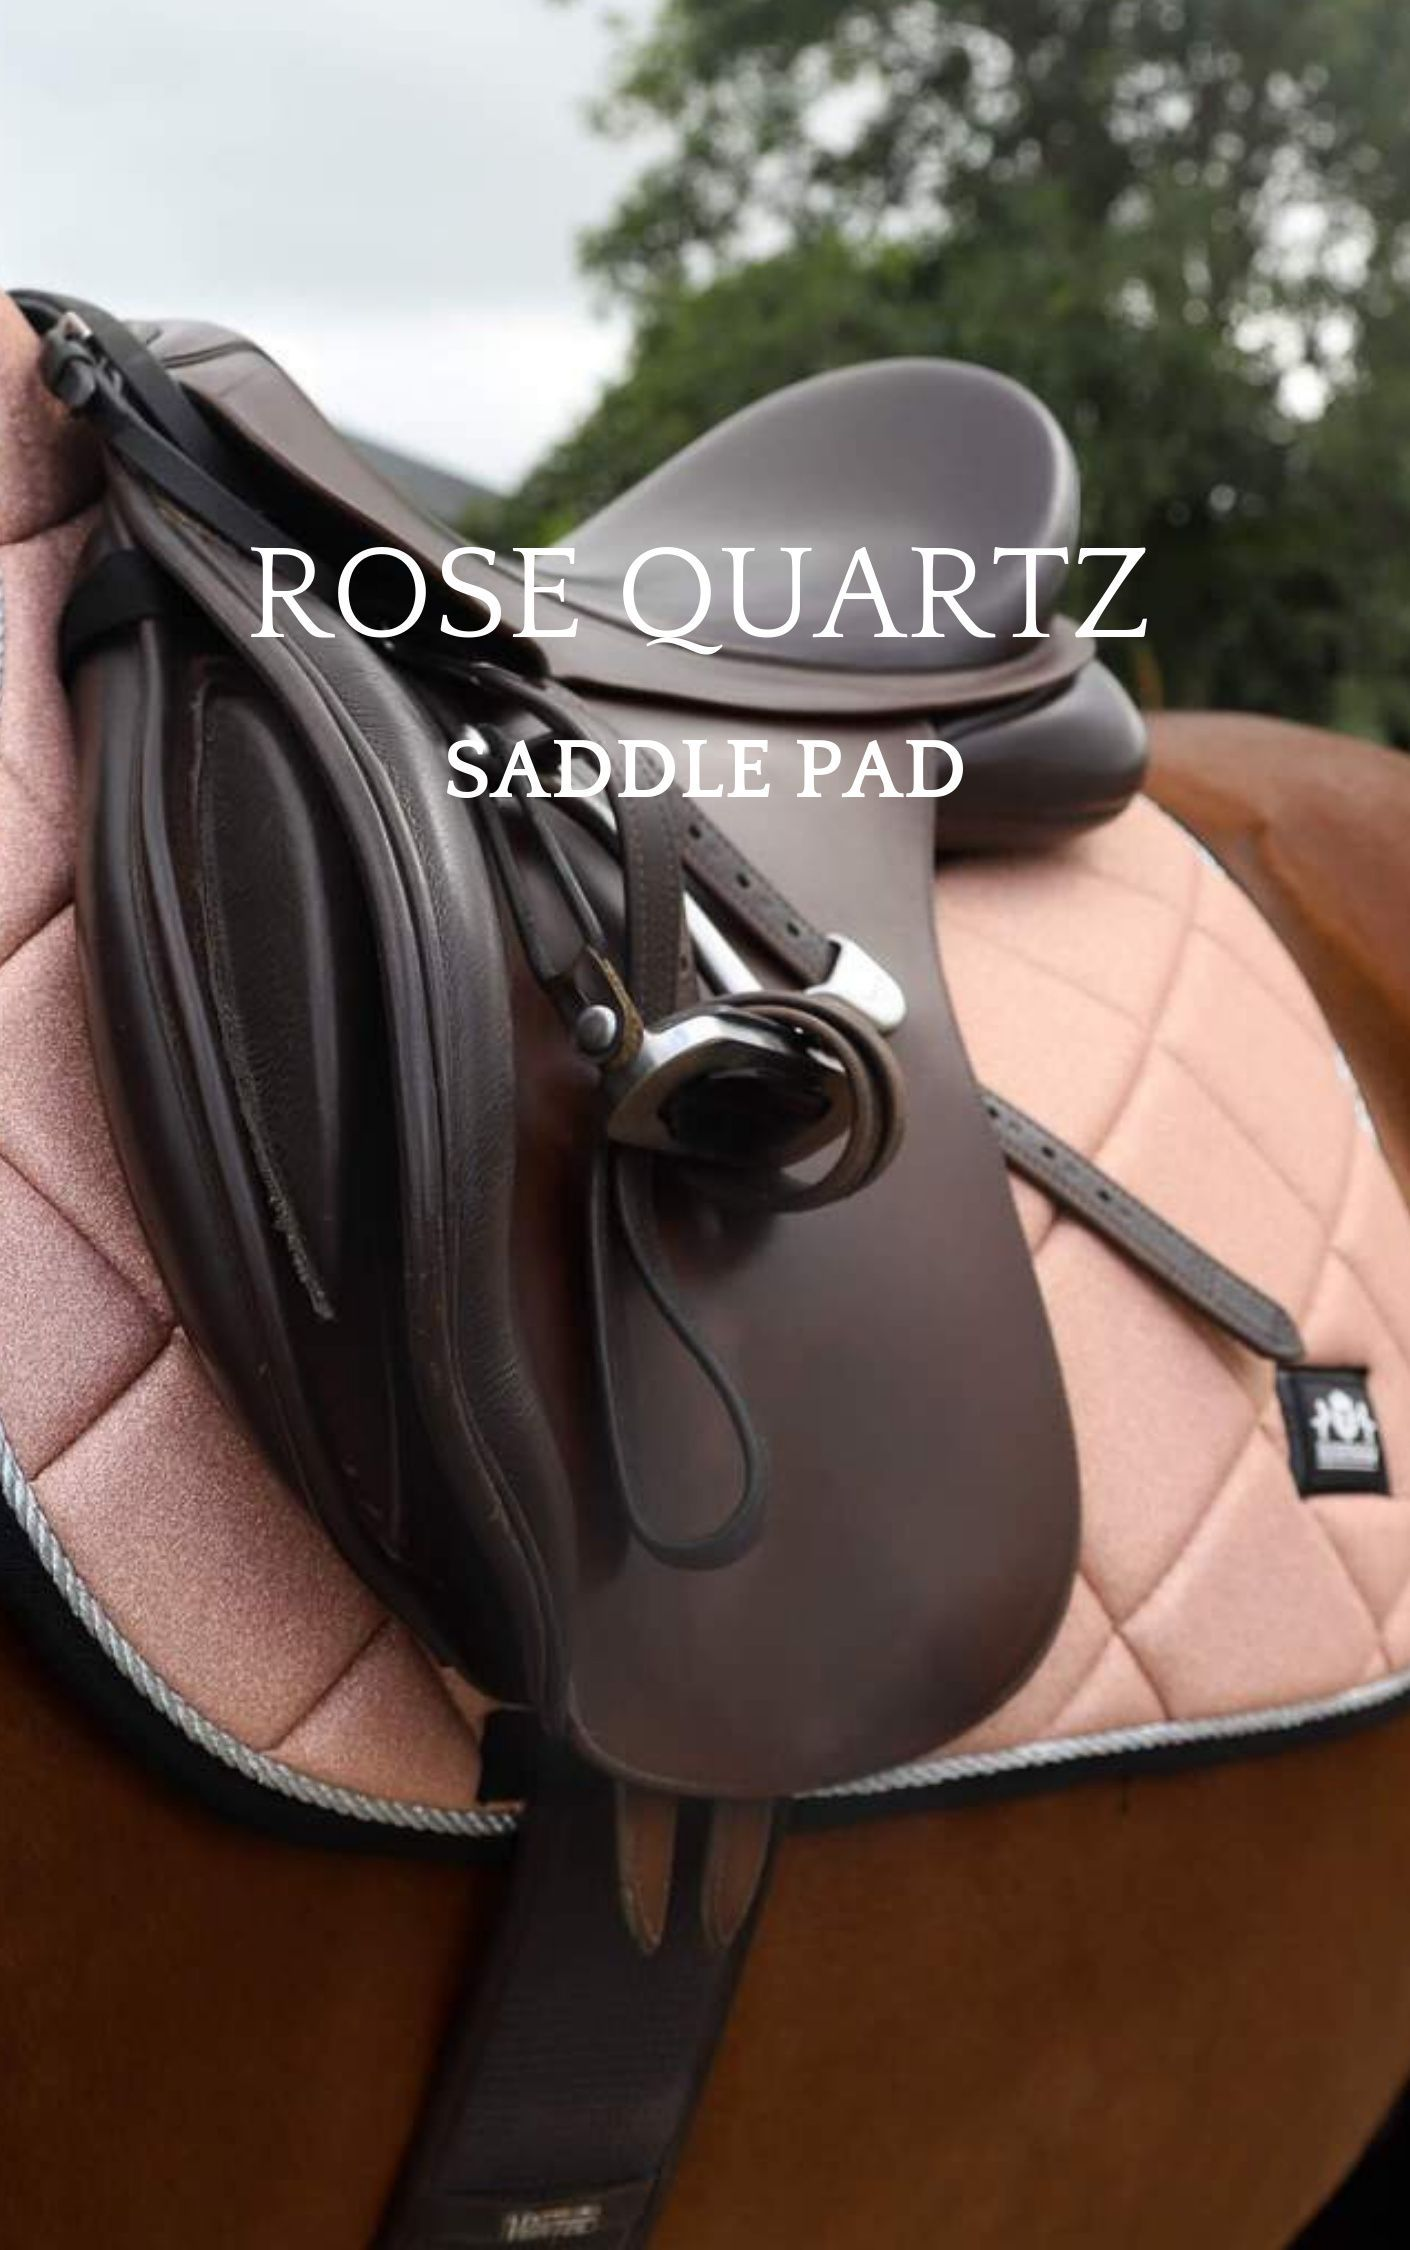 Rose Quartz Saddle Pad